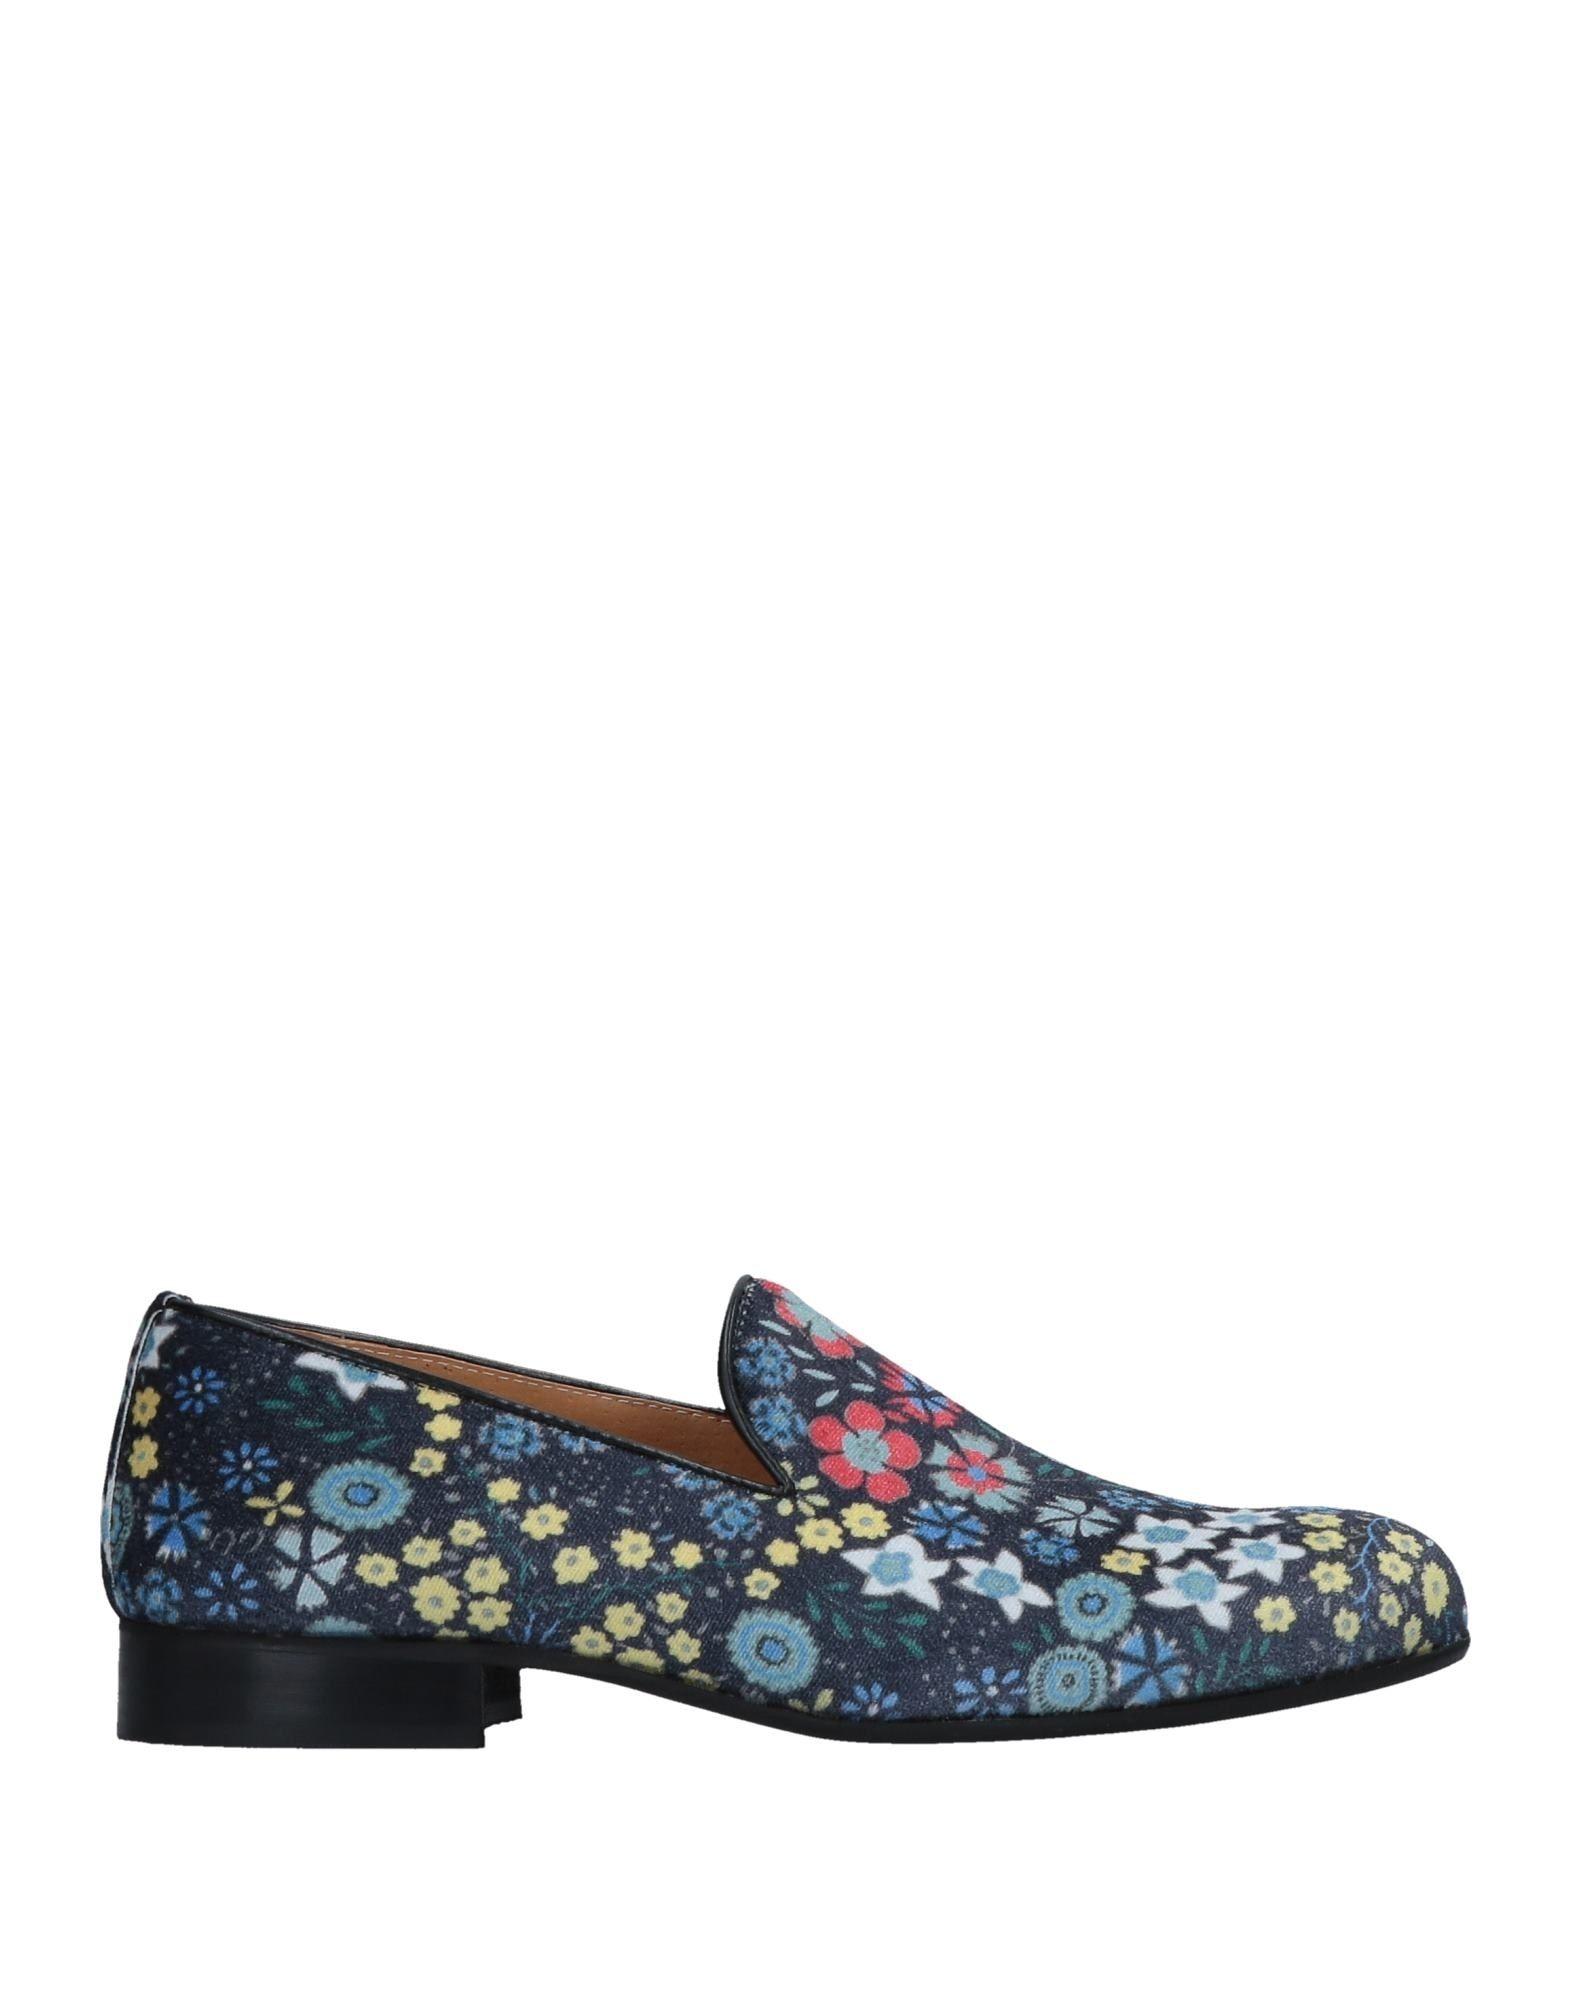 Alberto Moretti Mokassins Herren  11505862XQ Gute Qualität beliebte Schuhe